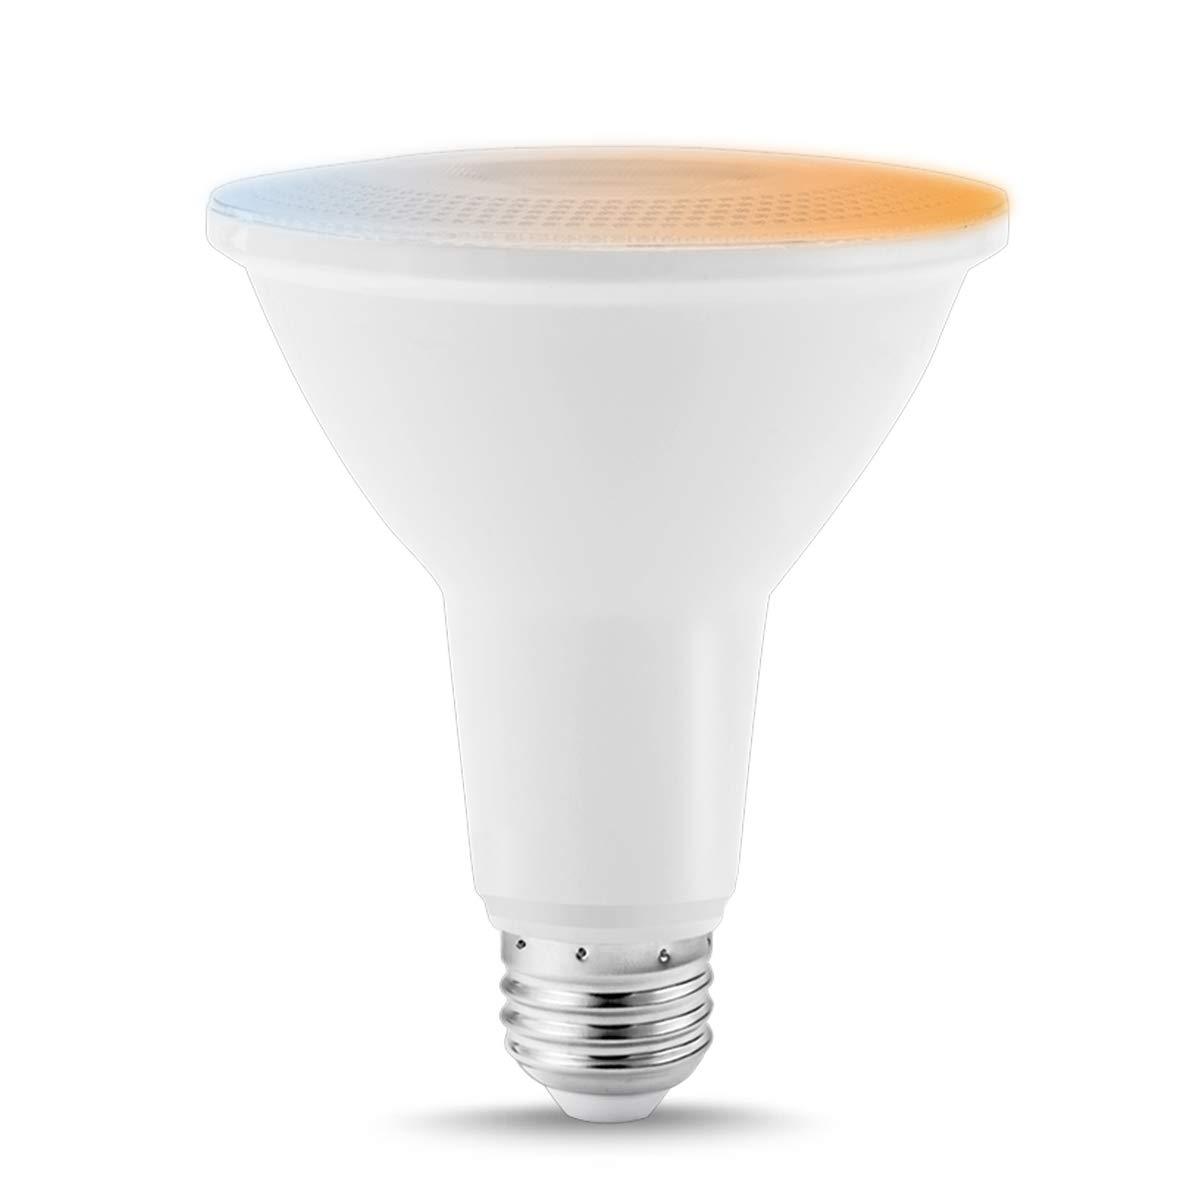 LOHASスマートWiFi par30 LED電球、75 W相当12 Wスマート電話AppコントロールカラーChanging (2000 K-6500 K) 減光、Alexaと互換性Googleアシスタント、理想的なホーム一般照明、1パック B07CTMR5Y9